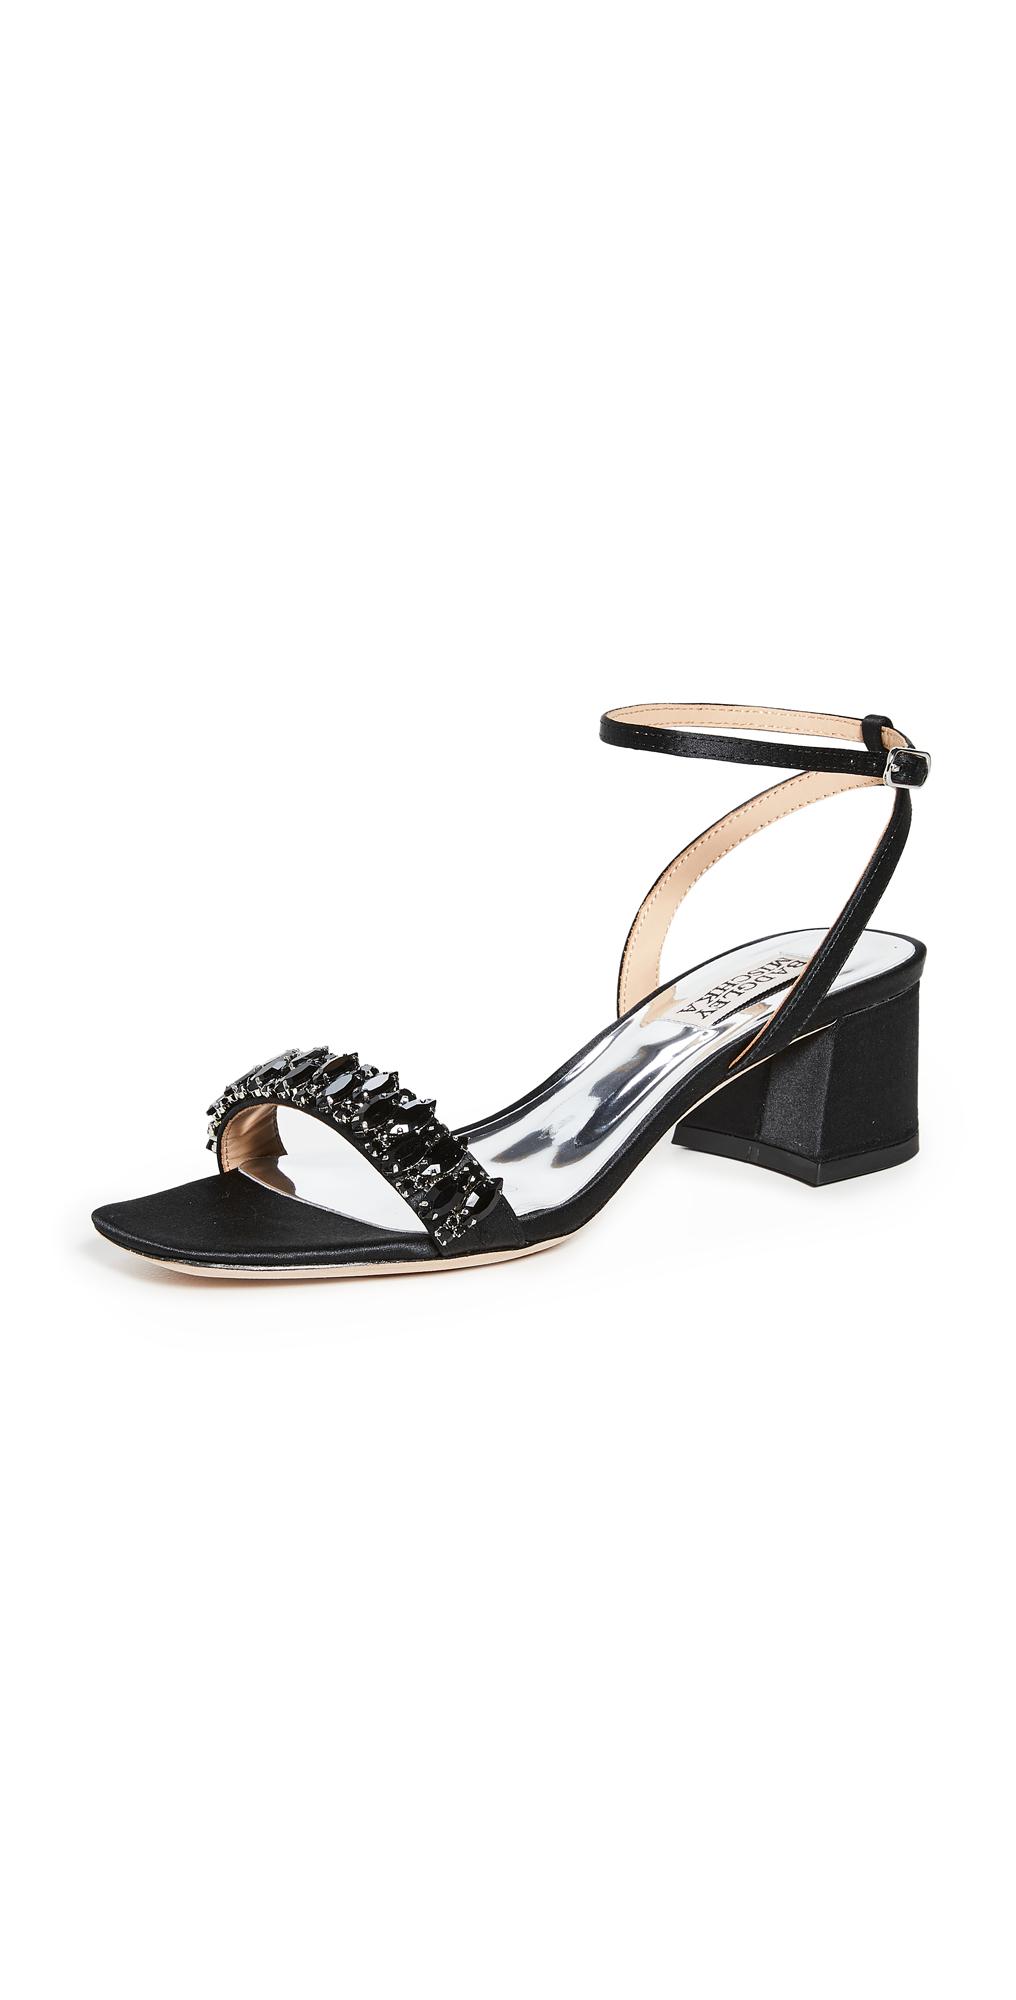 Badgley Mischka Harlow Ankle Strap Sandals